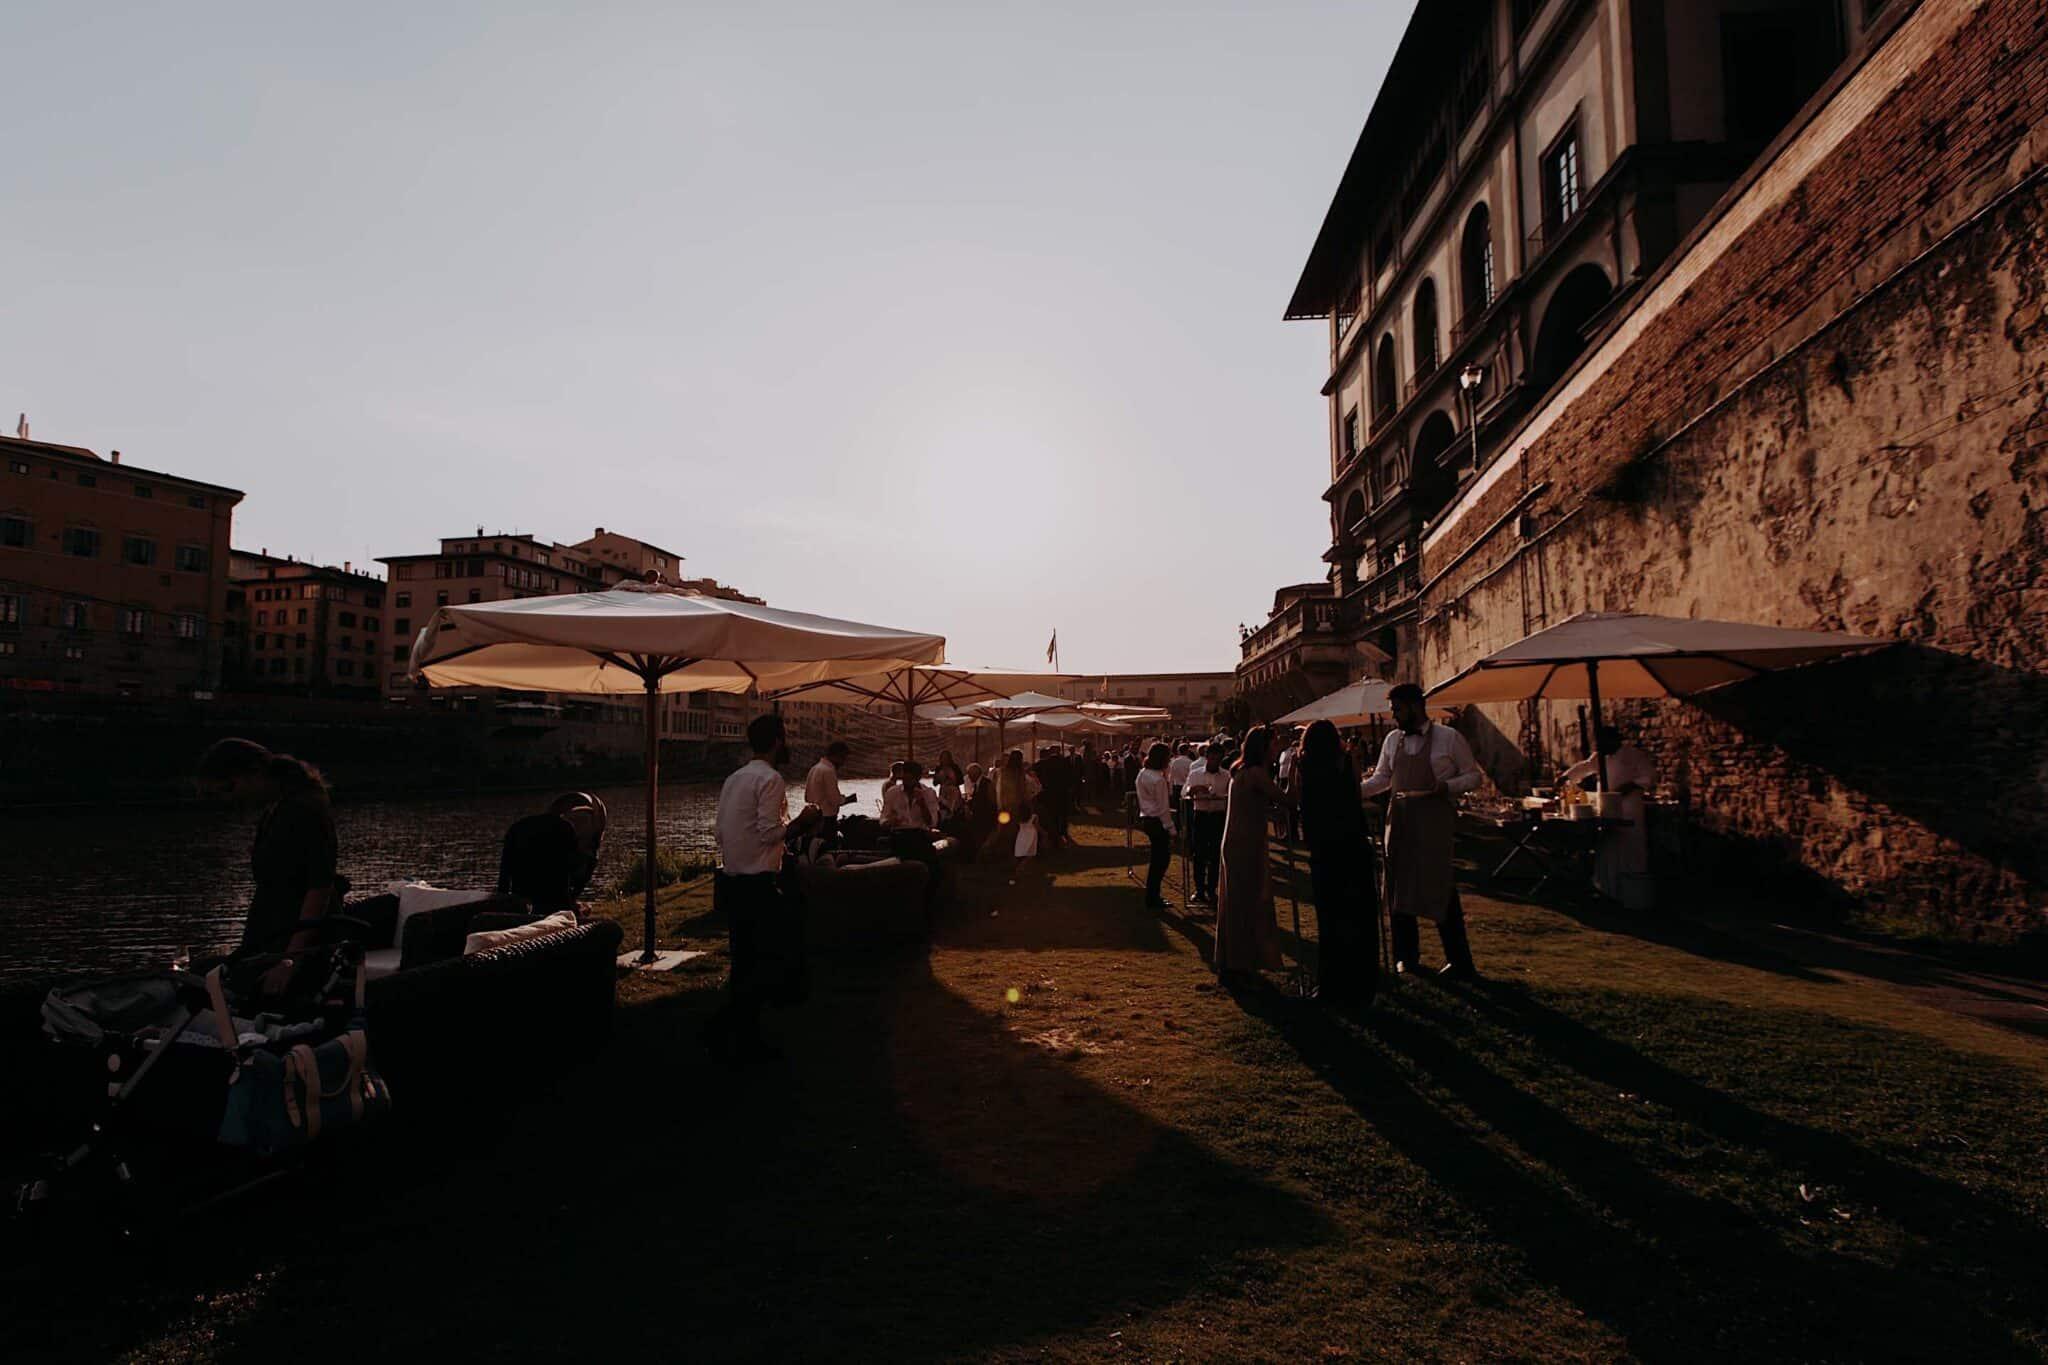 ambiente Lungarno, alla società Canottieri Firenze